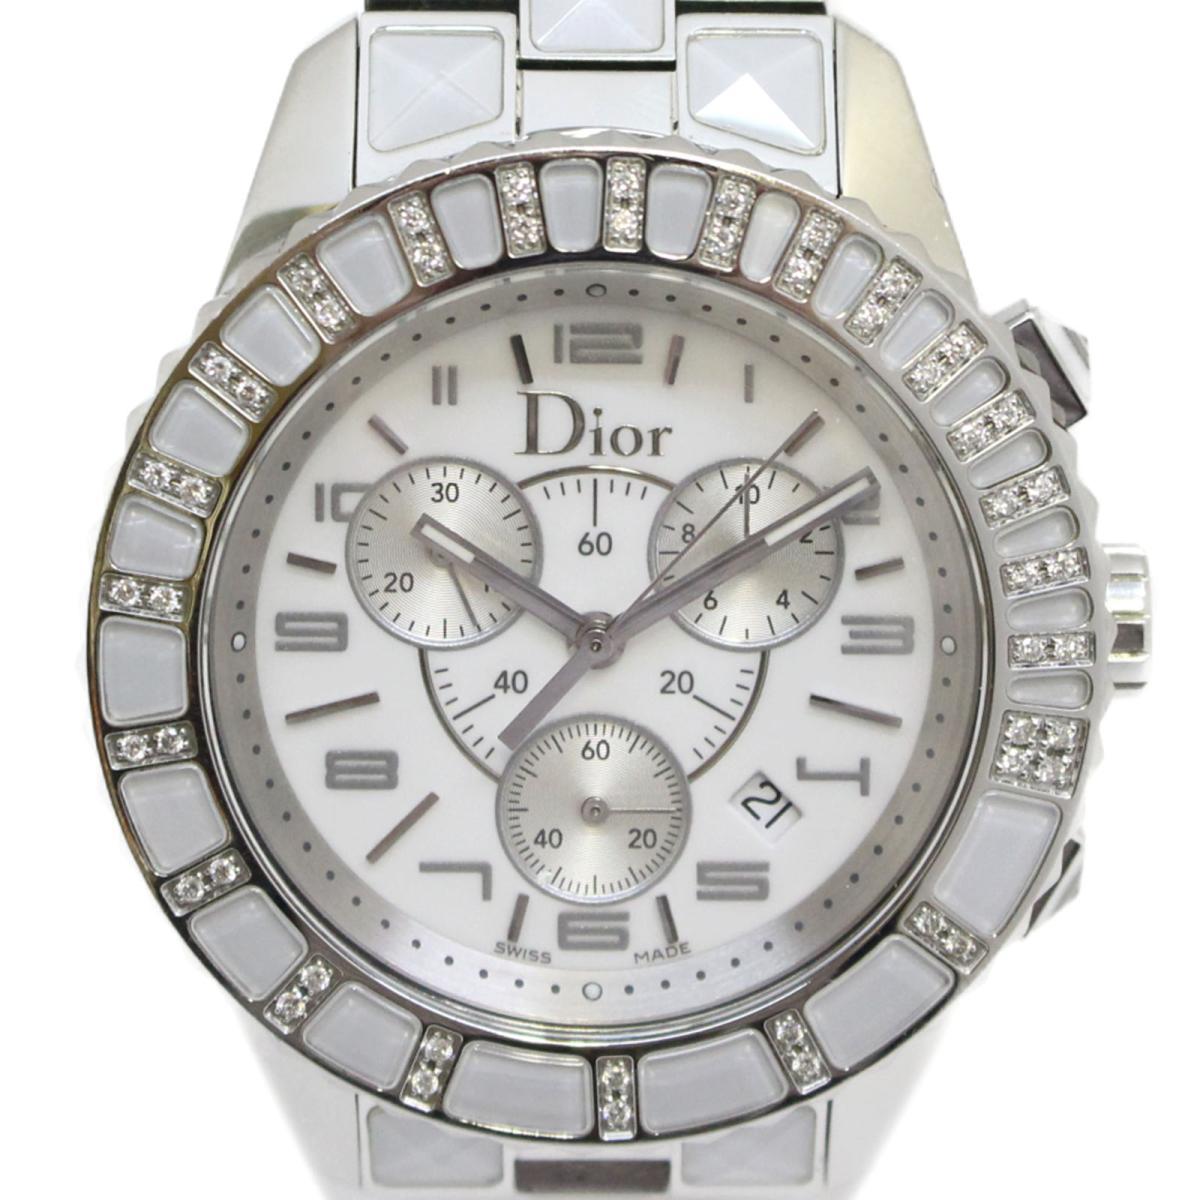 クリスチャン・ディオール クリスタルクロノ ダイヤベゼル 腕時計 ウォッチ メンズ ステンレススチールSSx ホワイト シルバーCD114311Dior BRANDOFF ブランドオフ レディース ブランド ブランド時計 ブランド腕時計 時計Yf7yb6g